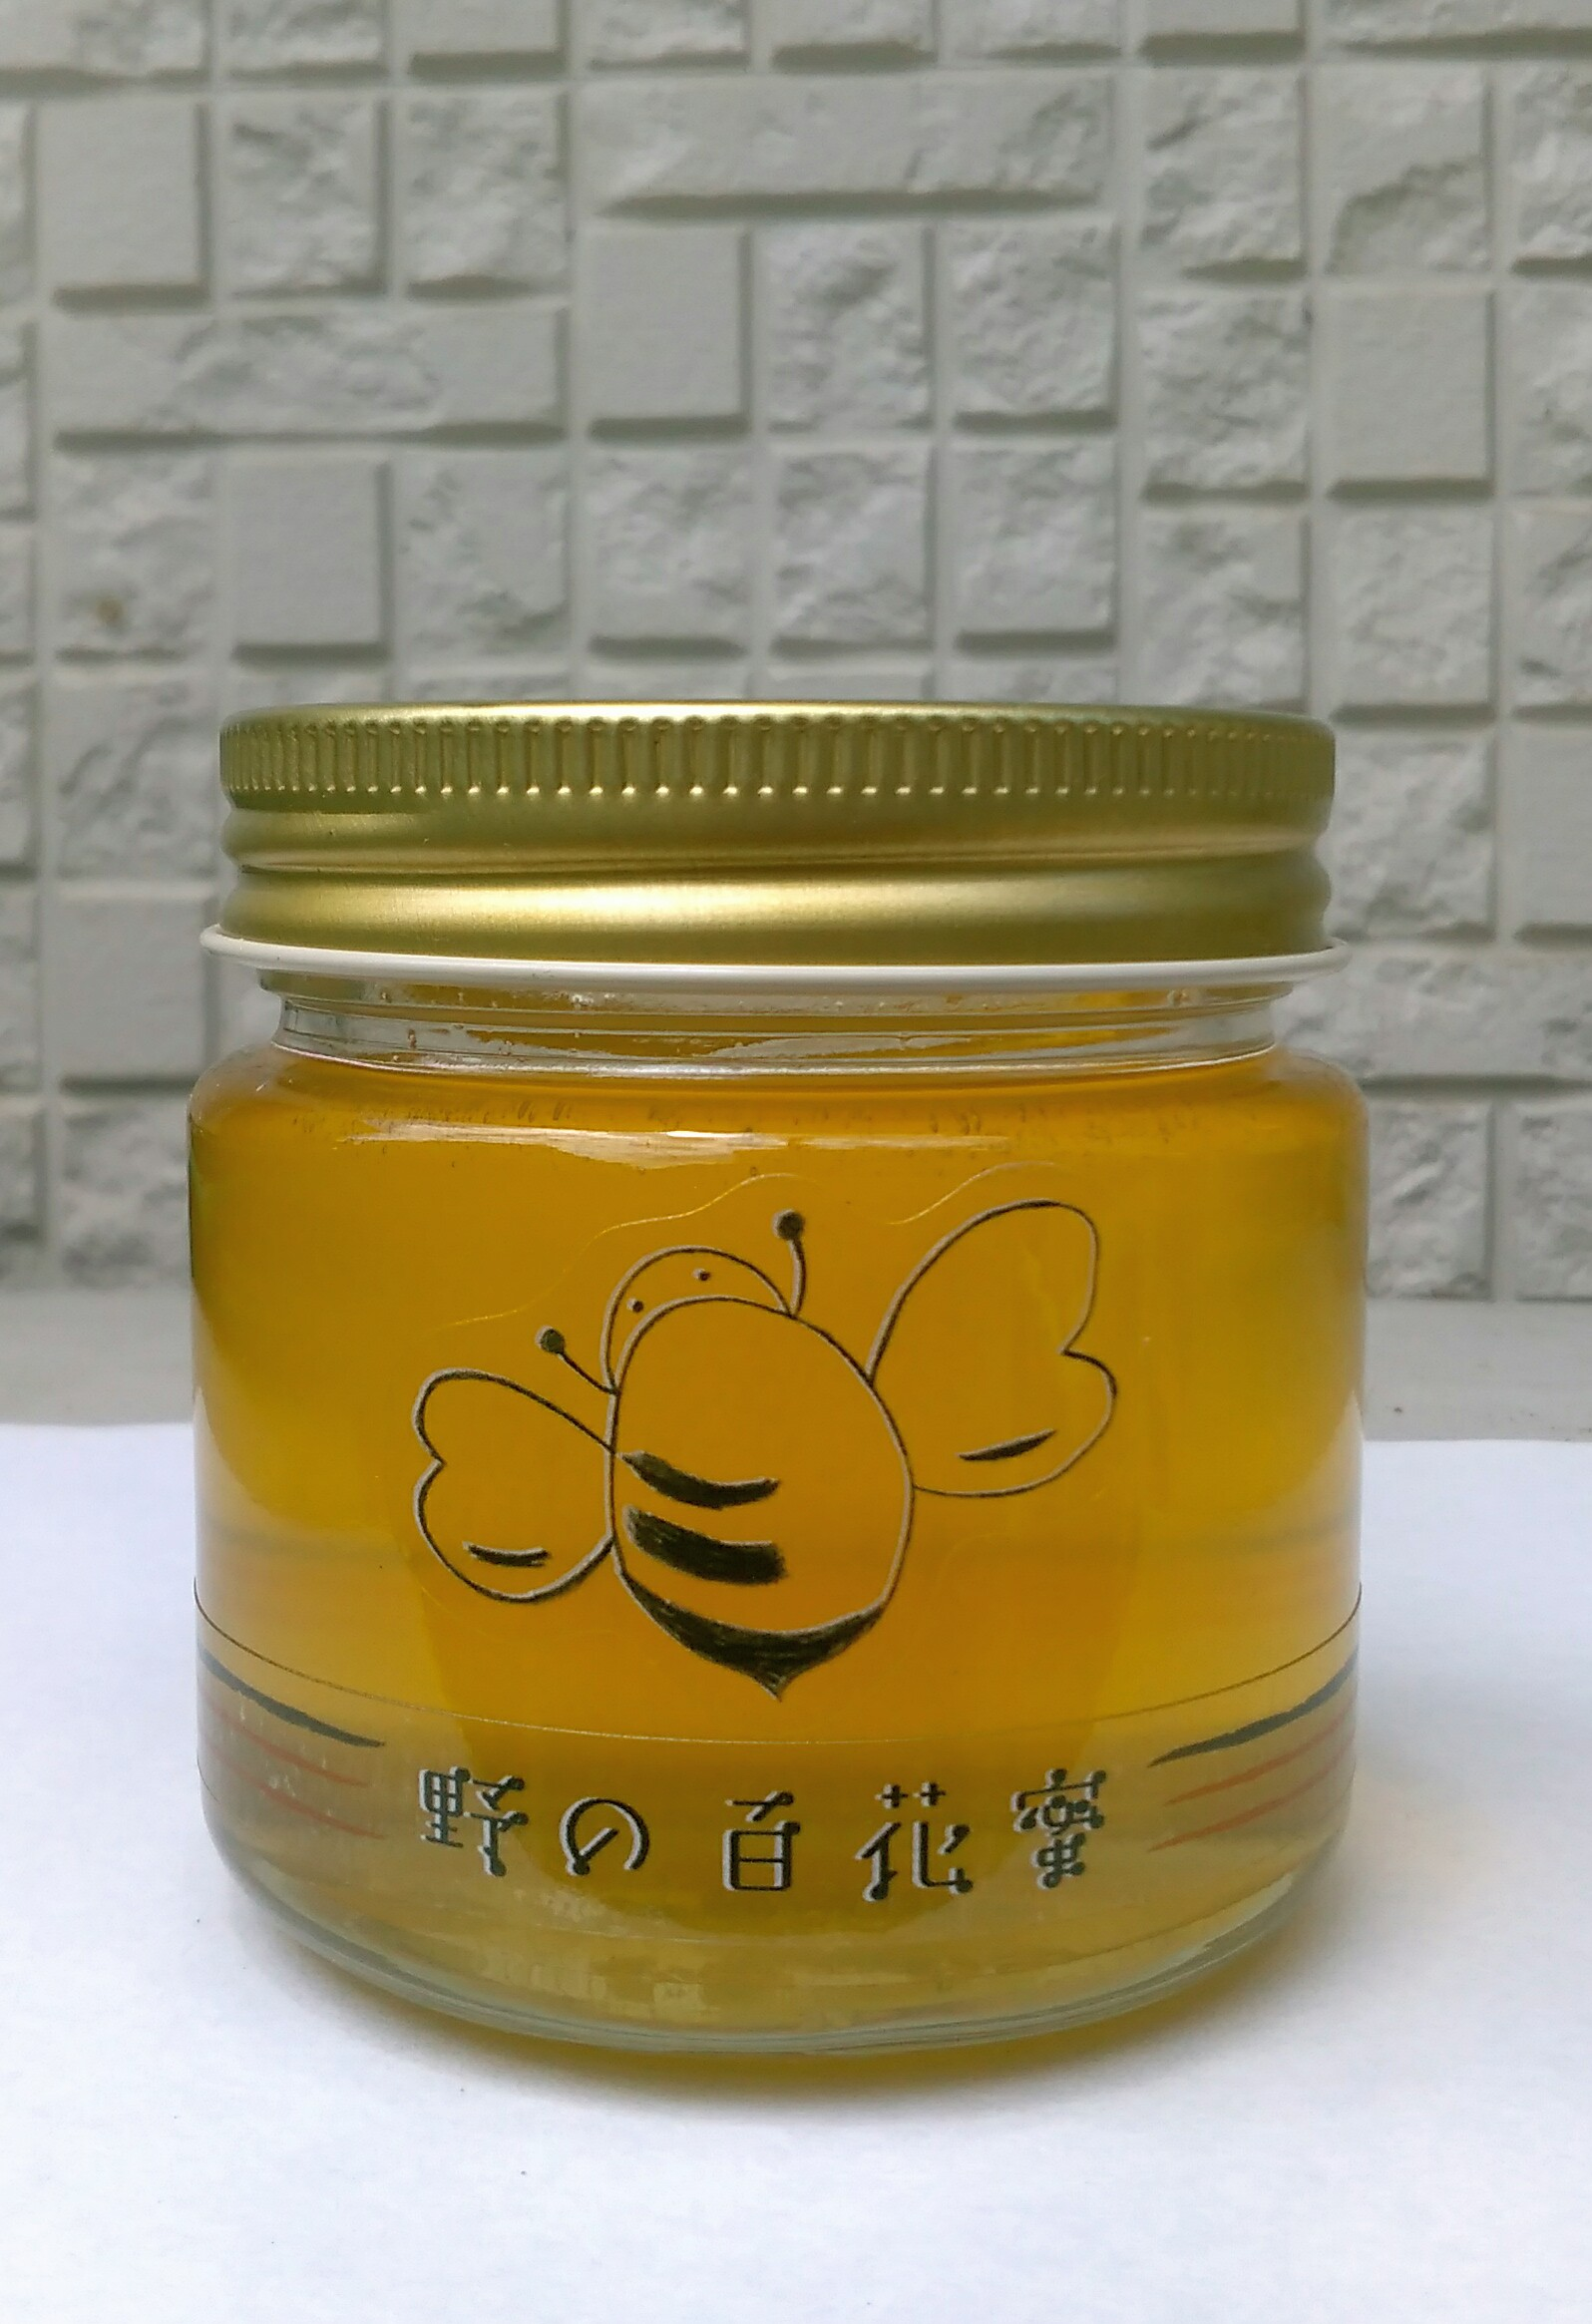 藤沢産 野の百花蜜150g画像